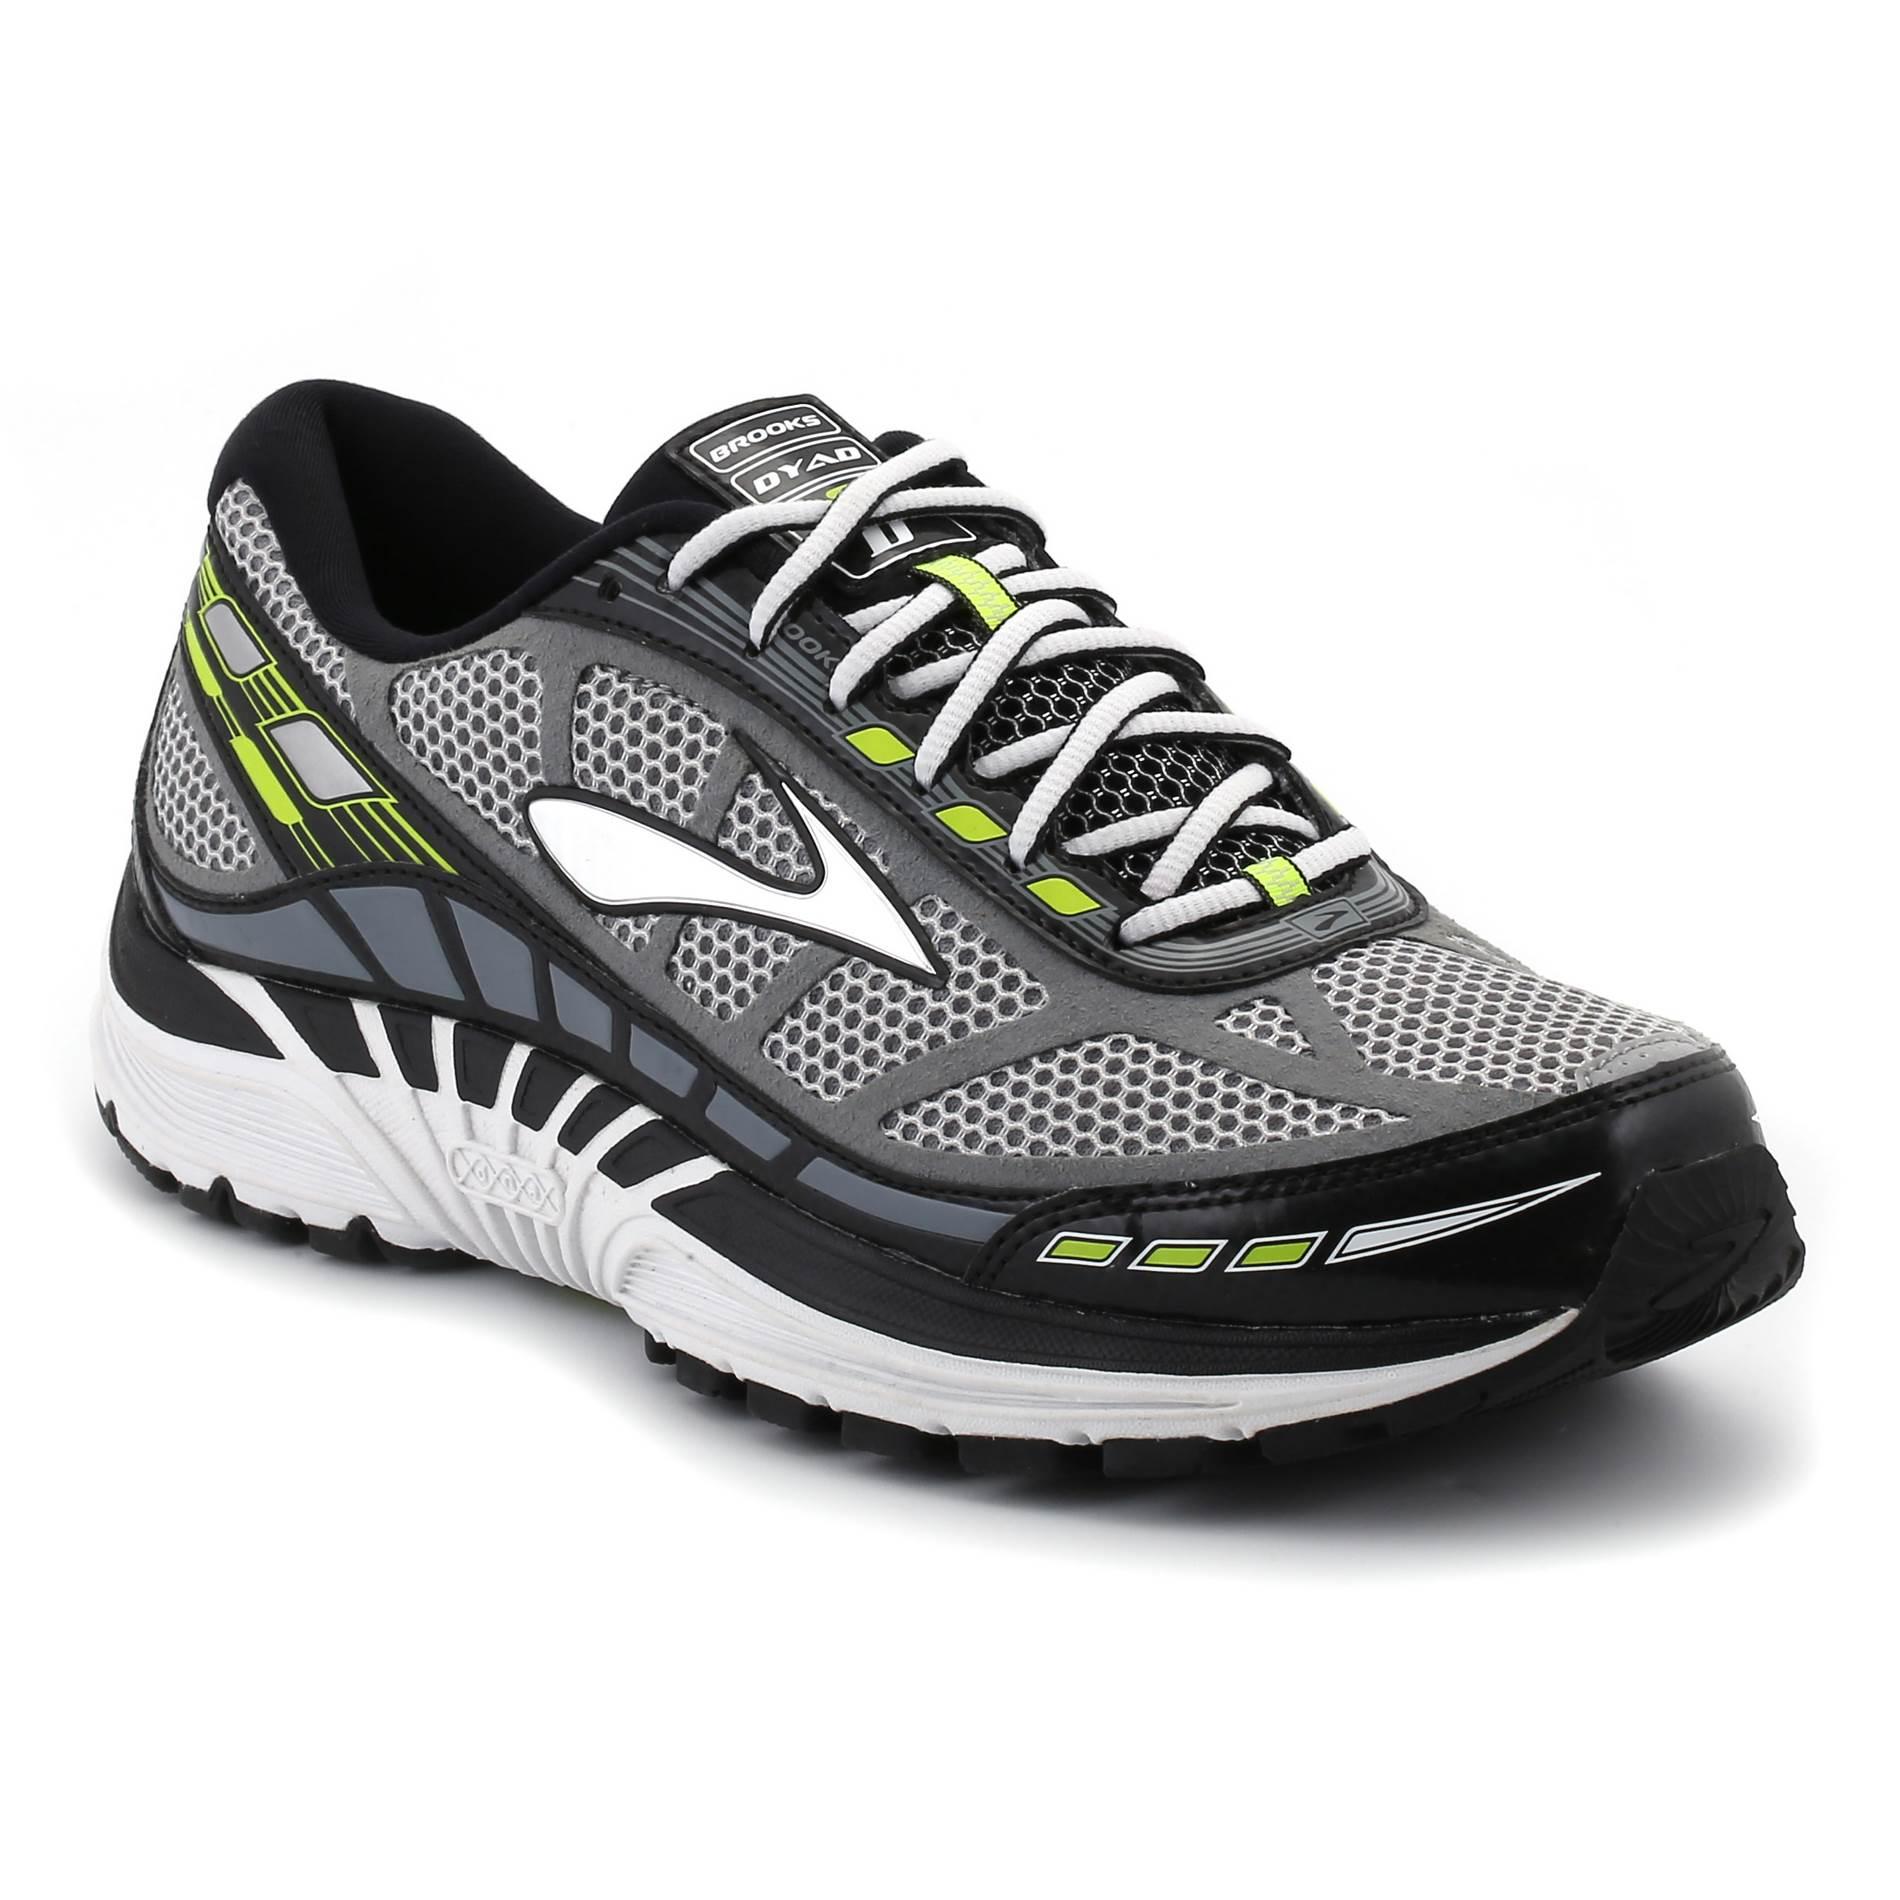 Amazon Shoes For Men Dyad Shoes